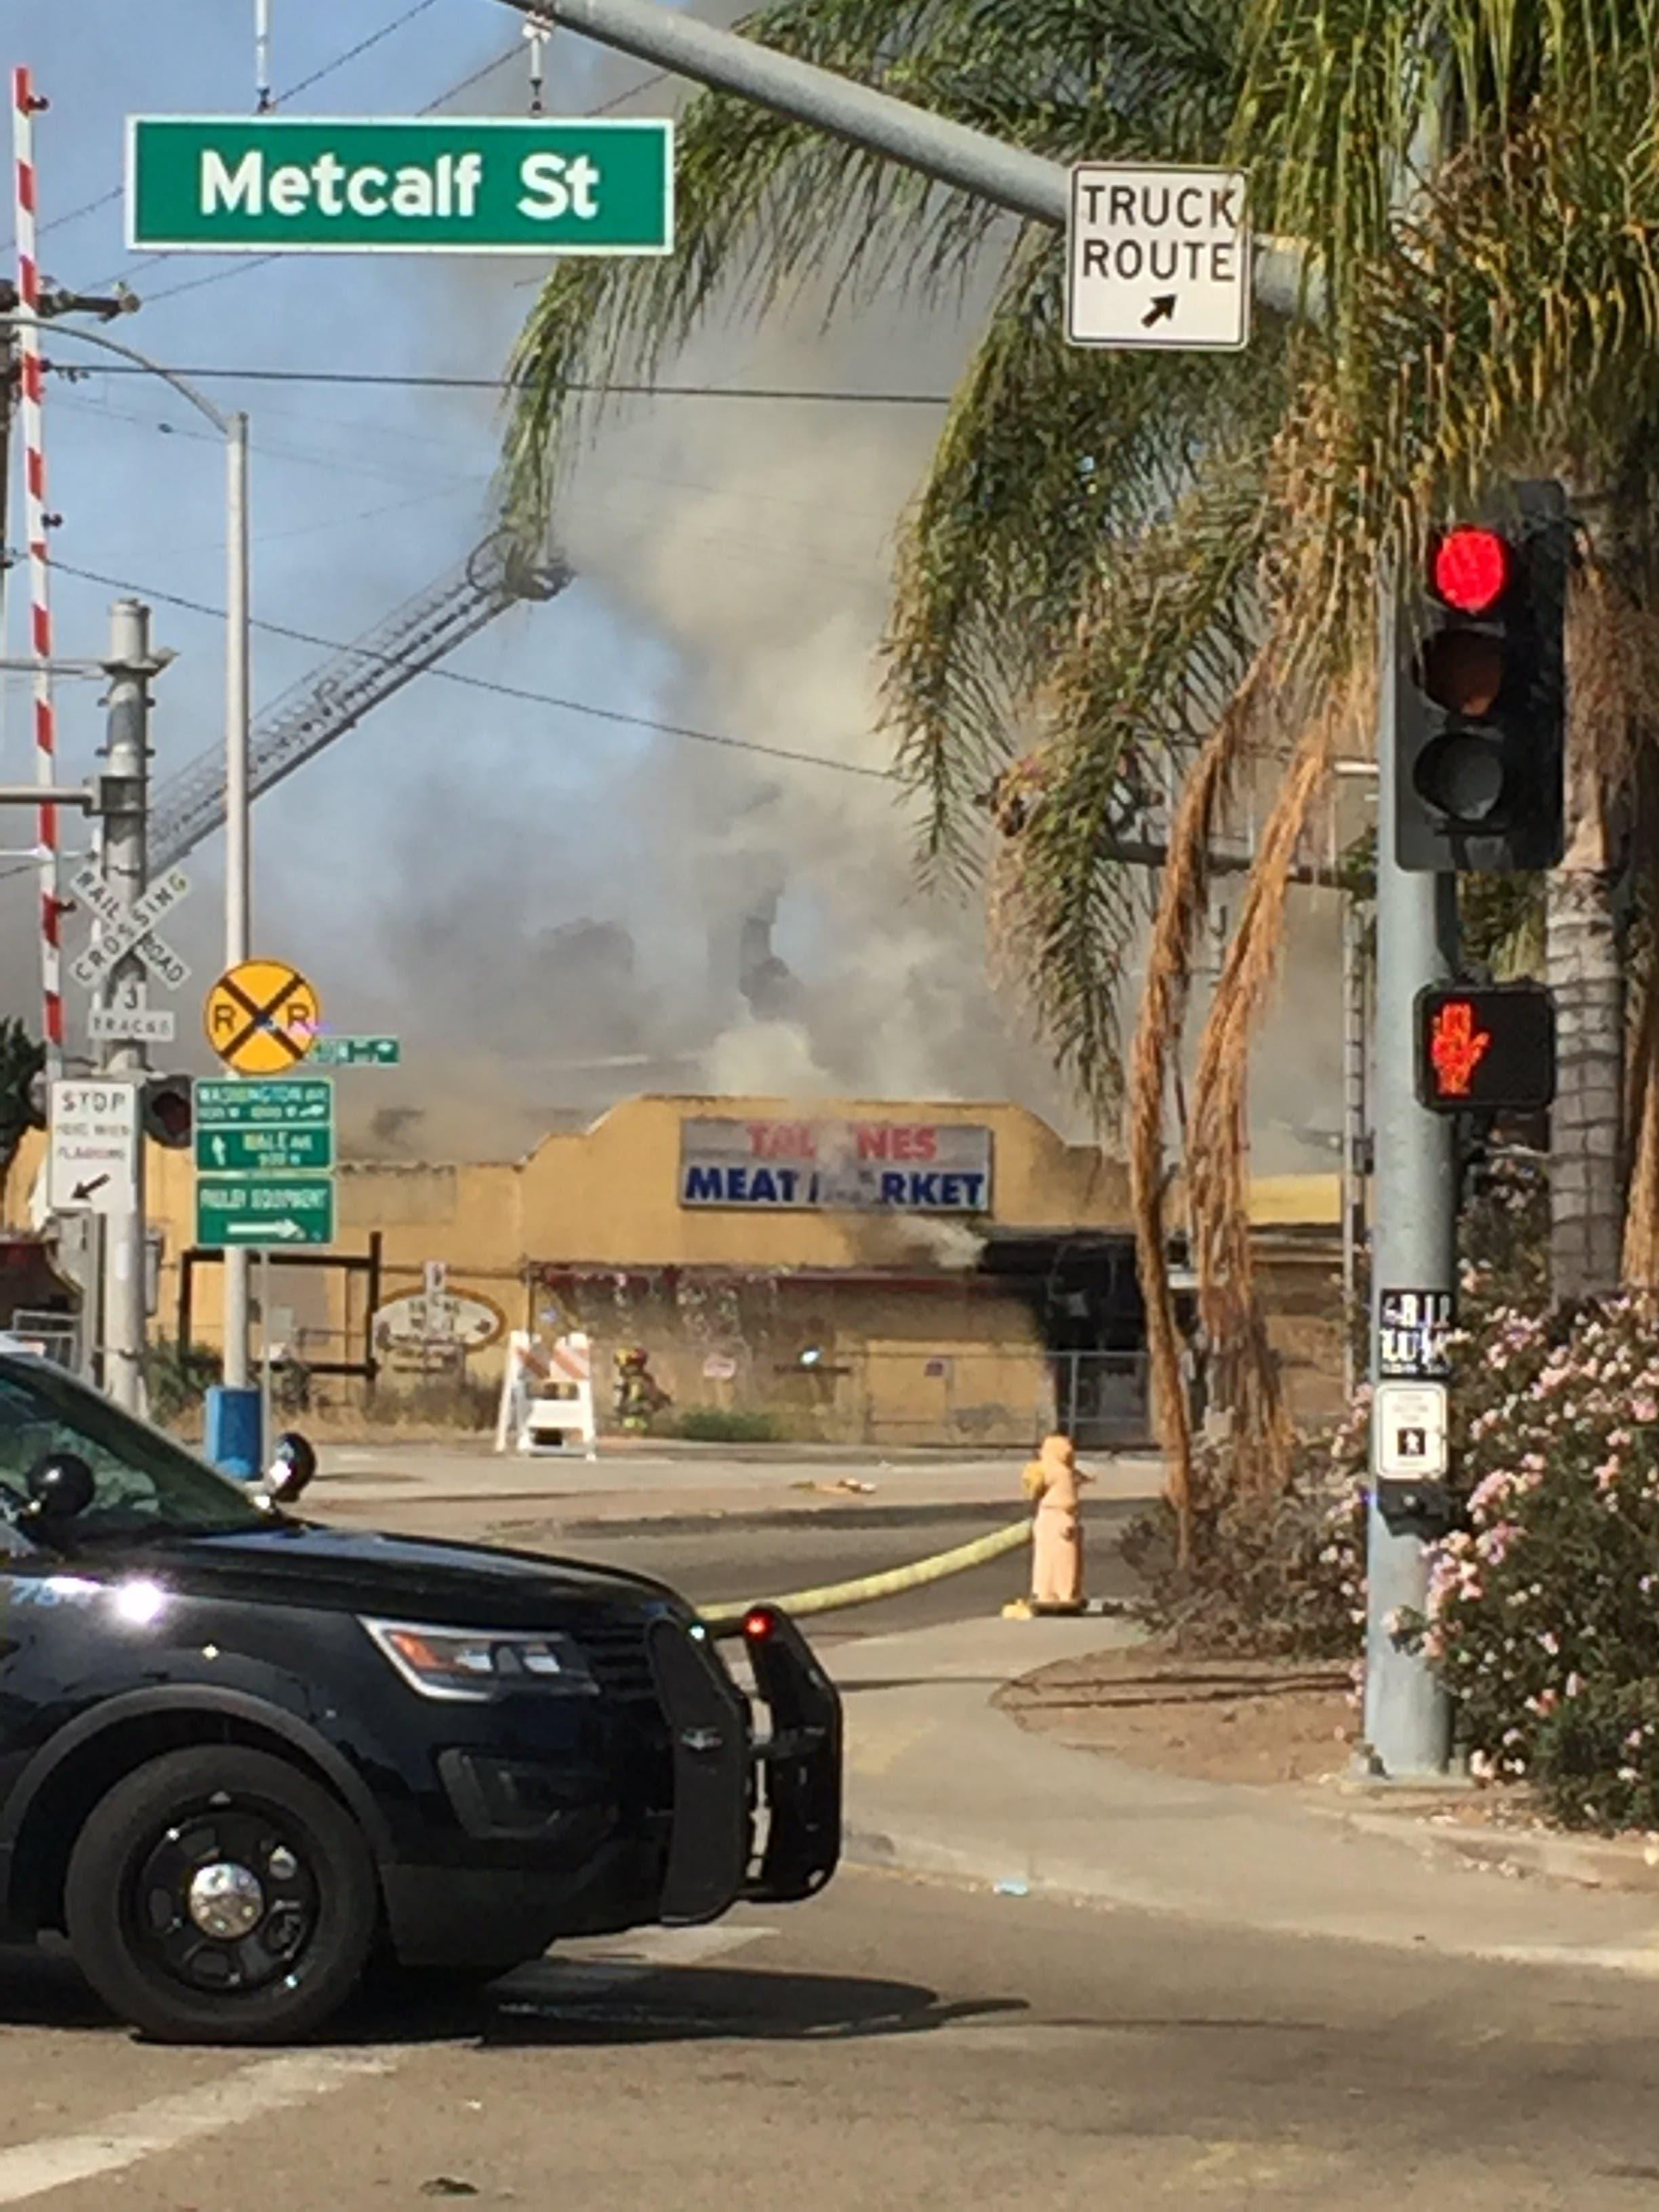 Escondido Fire: Abandoned Meat Market Burns, Sending Smoke Across ...